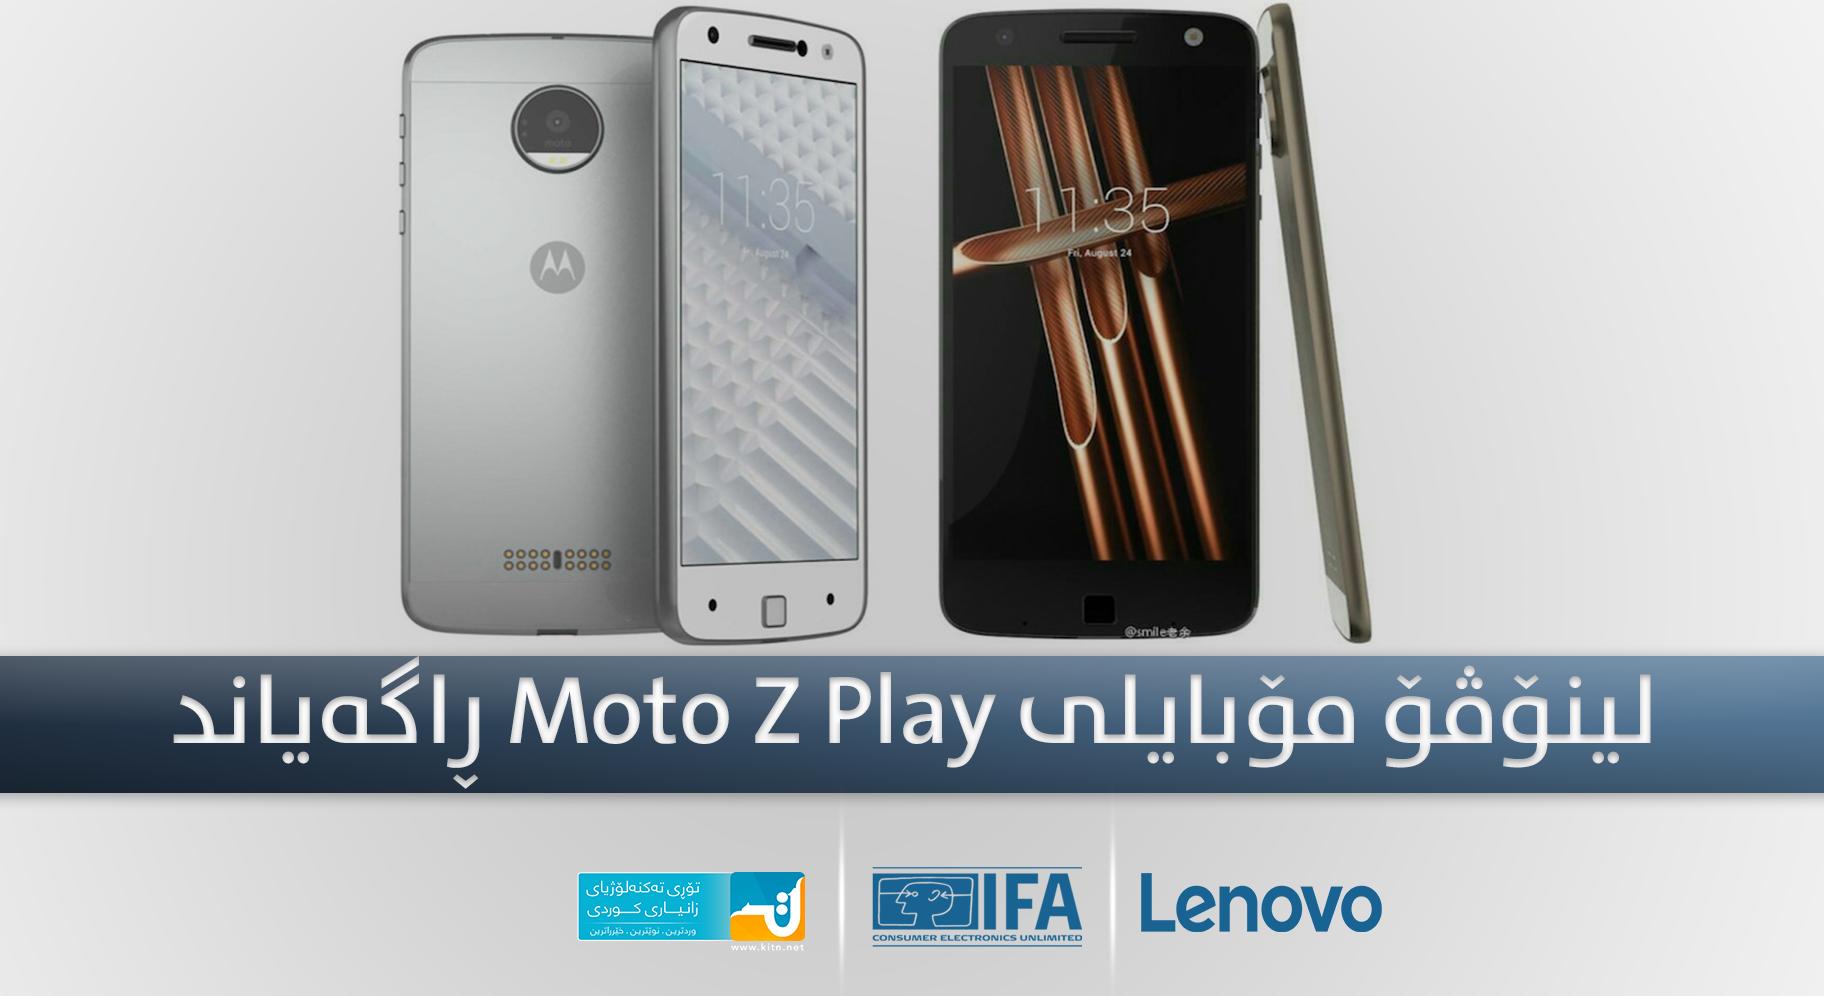 MotoZPlay